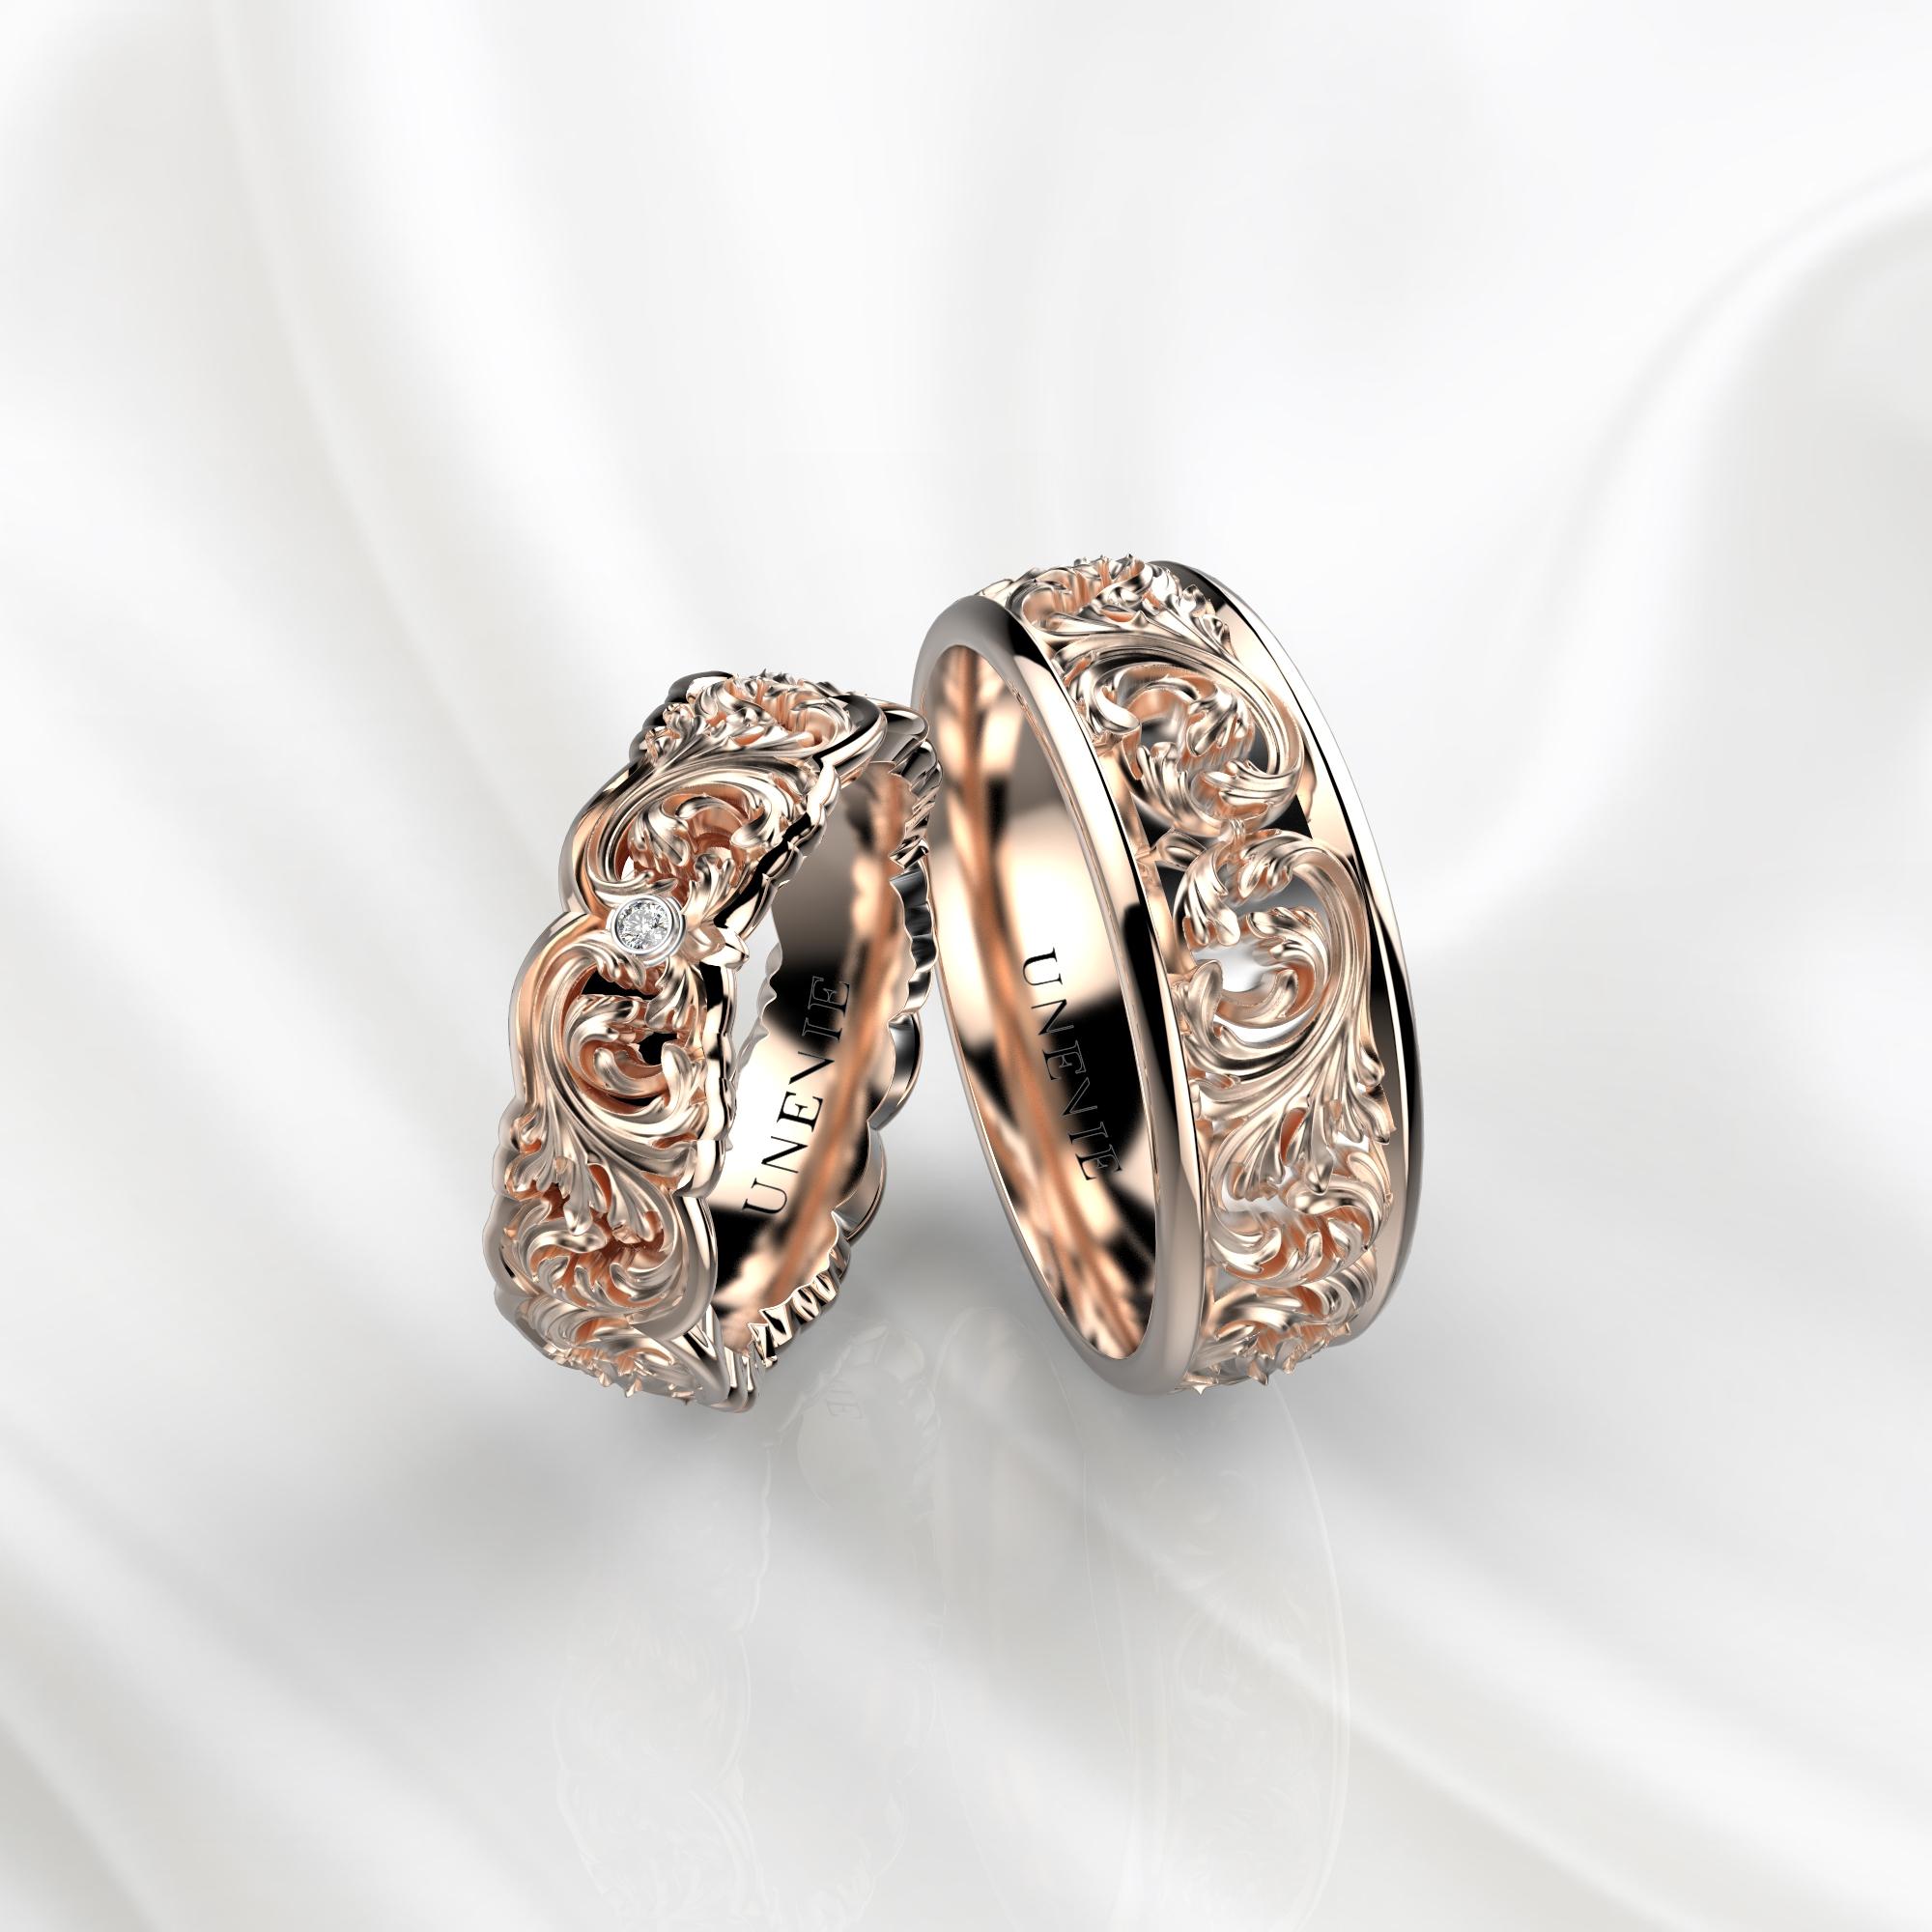 NV33 Обручальные кольца из розового золота с бриллиантами